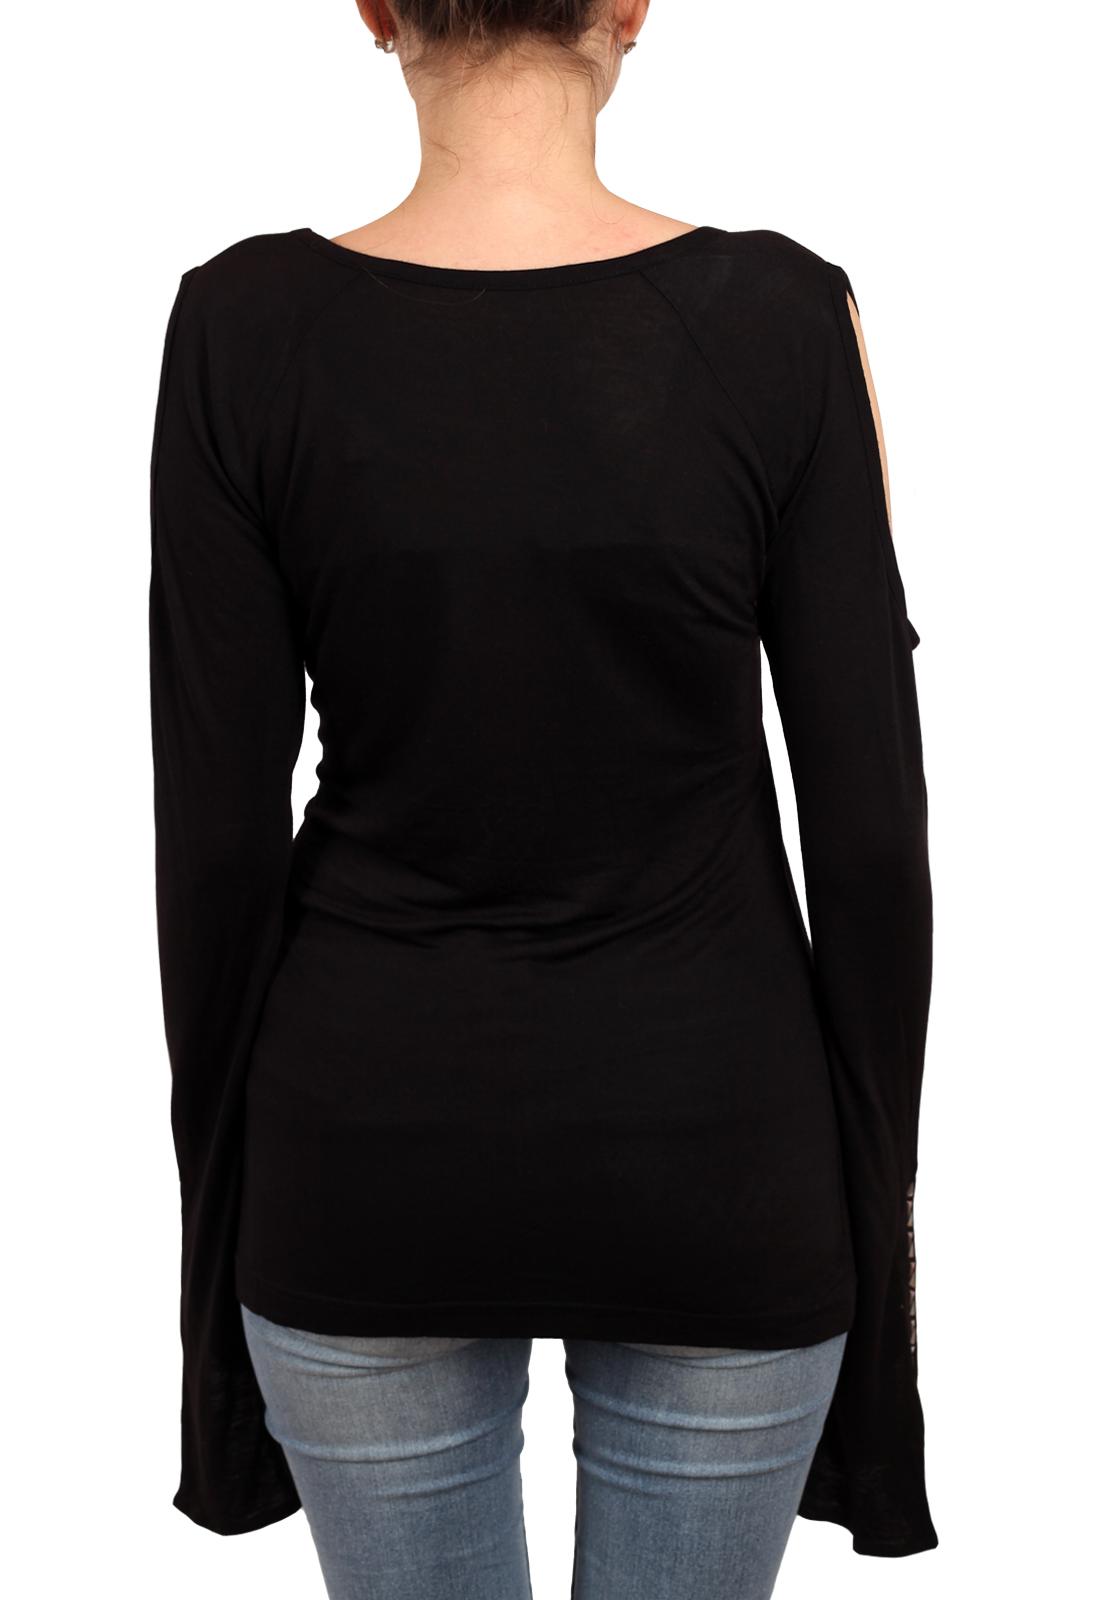 Готичная туника Panhandle Slim. Удлинённые рукава с разрезами в стиле cutout sleeve и отделка декоративными геометрическими элементами